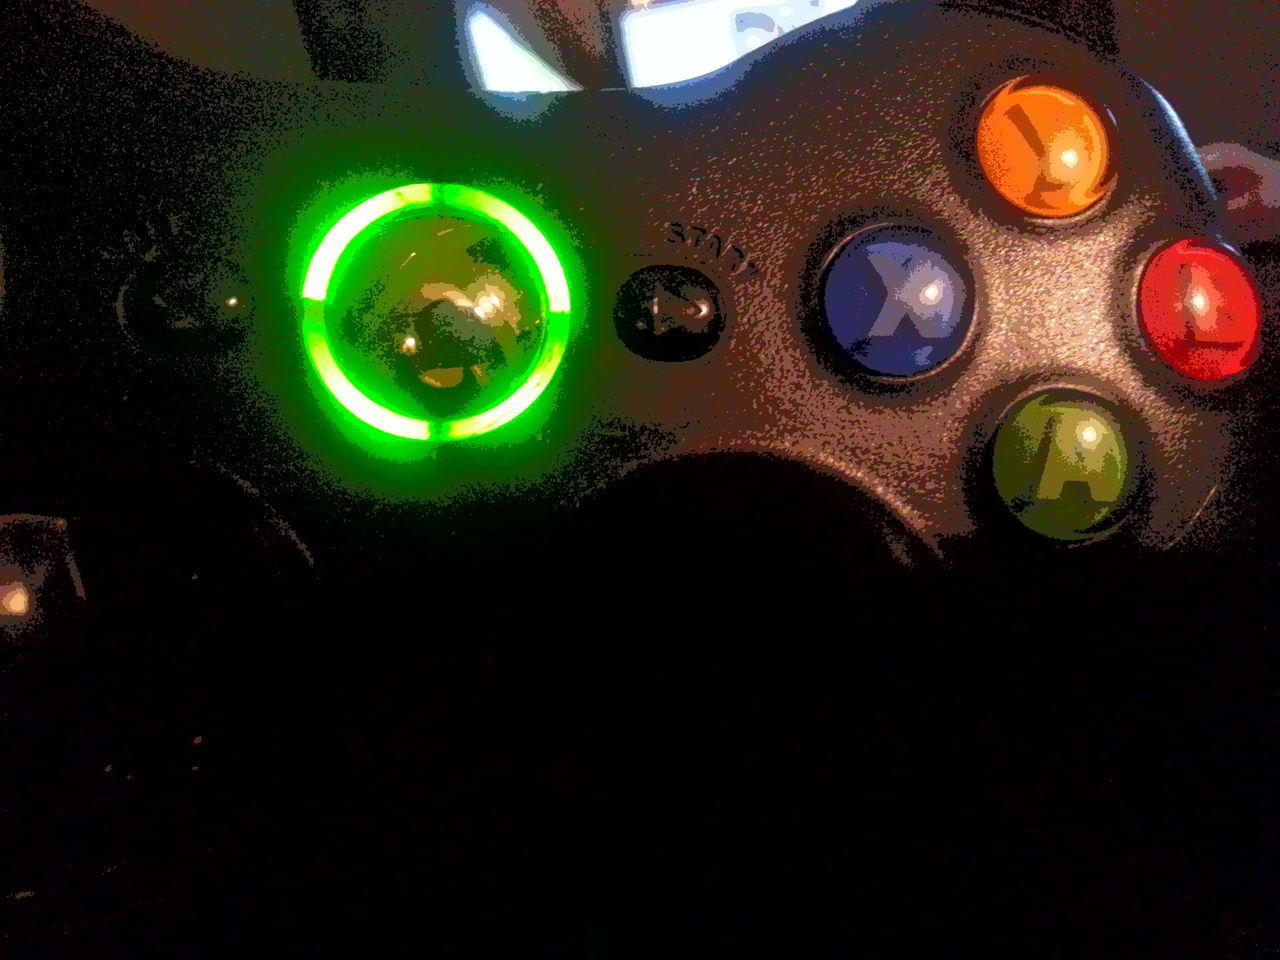 Green Color Close-up No People Xbox Fan Xbox Remote Black Remote Black Colour COD Fan WOT Fan Halo Fan GOW Fan Neon Life